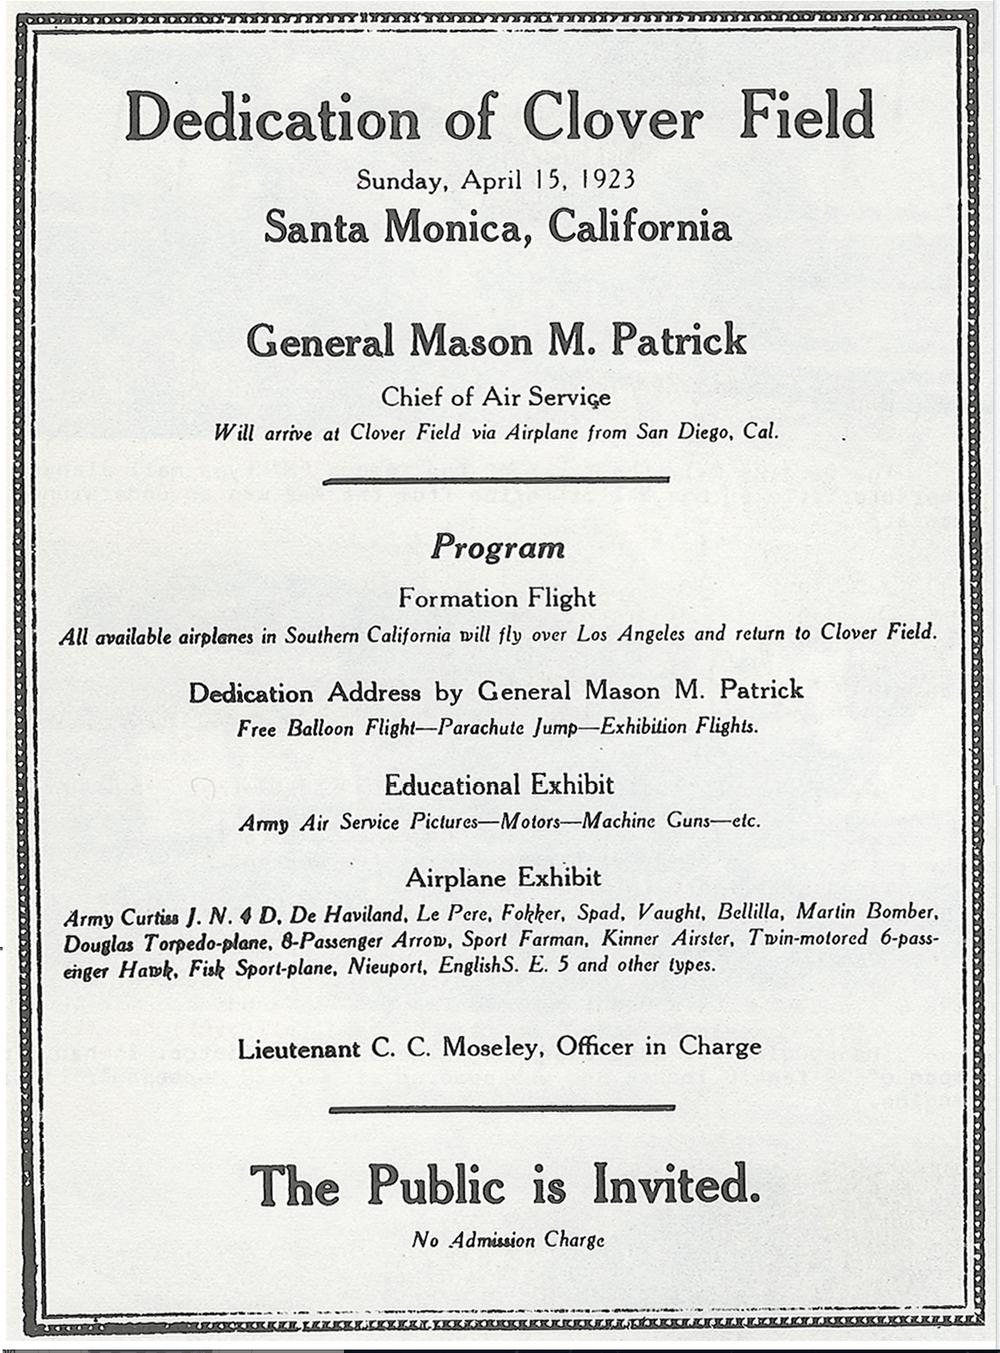 Dedication-of-Clover-Field-4-15-1923.jpg